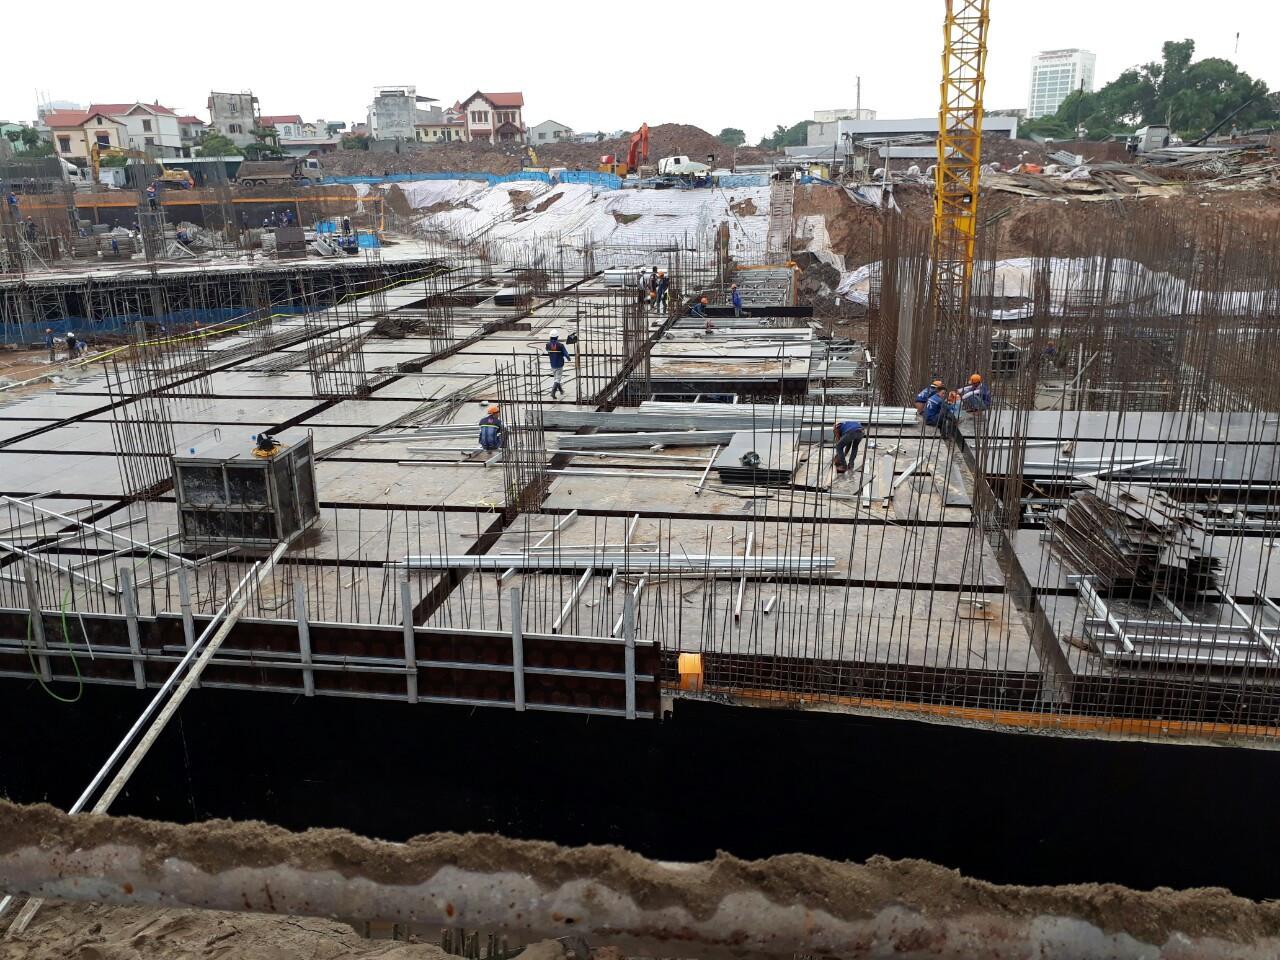 tiến độ xây dựng của dự án chung cư Hateco Apolo Xuân Phương